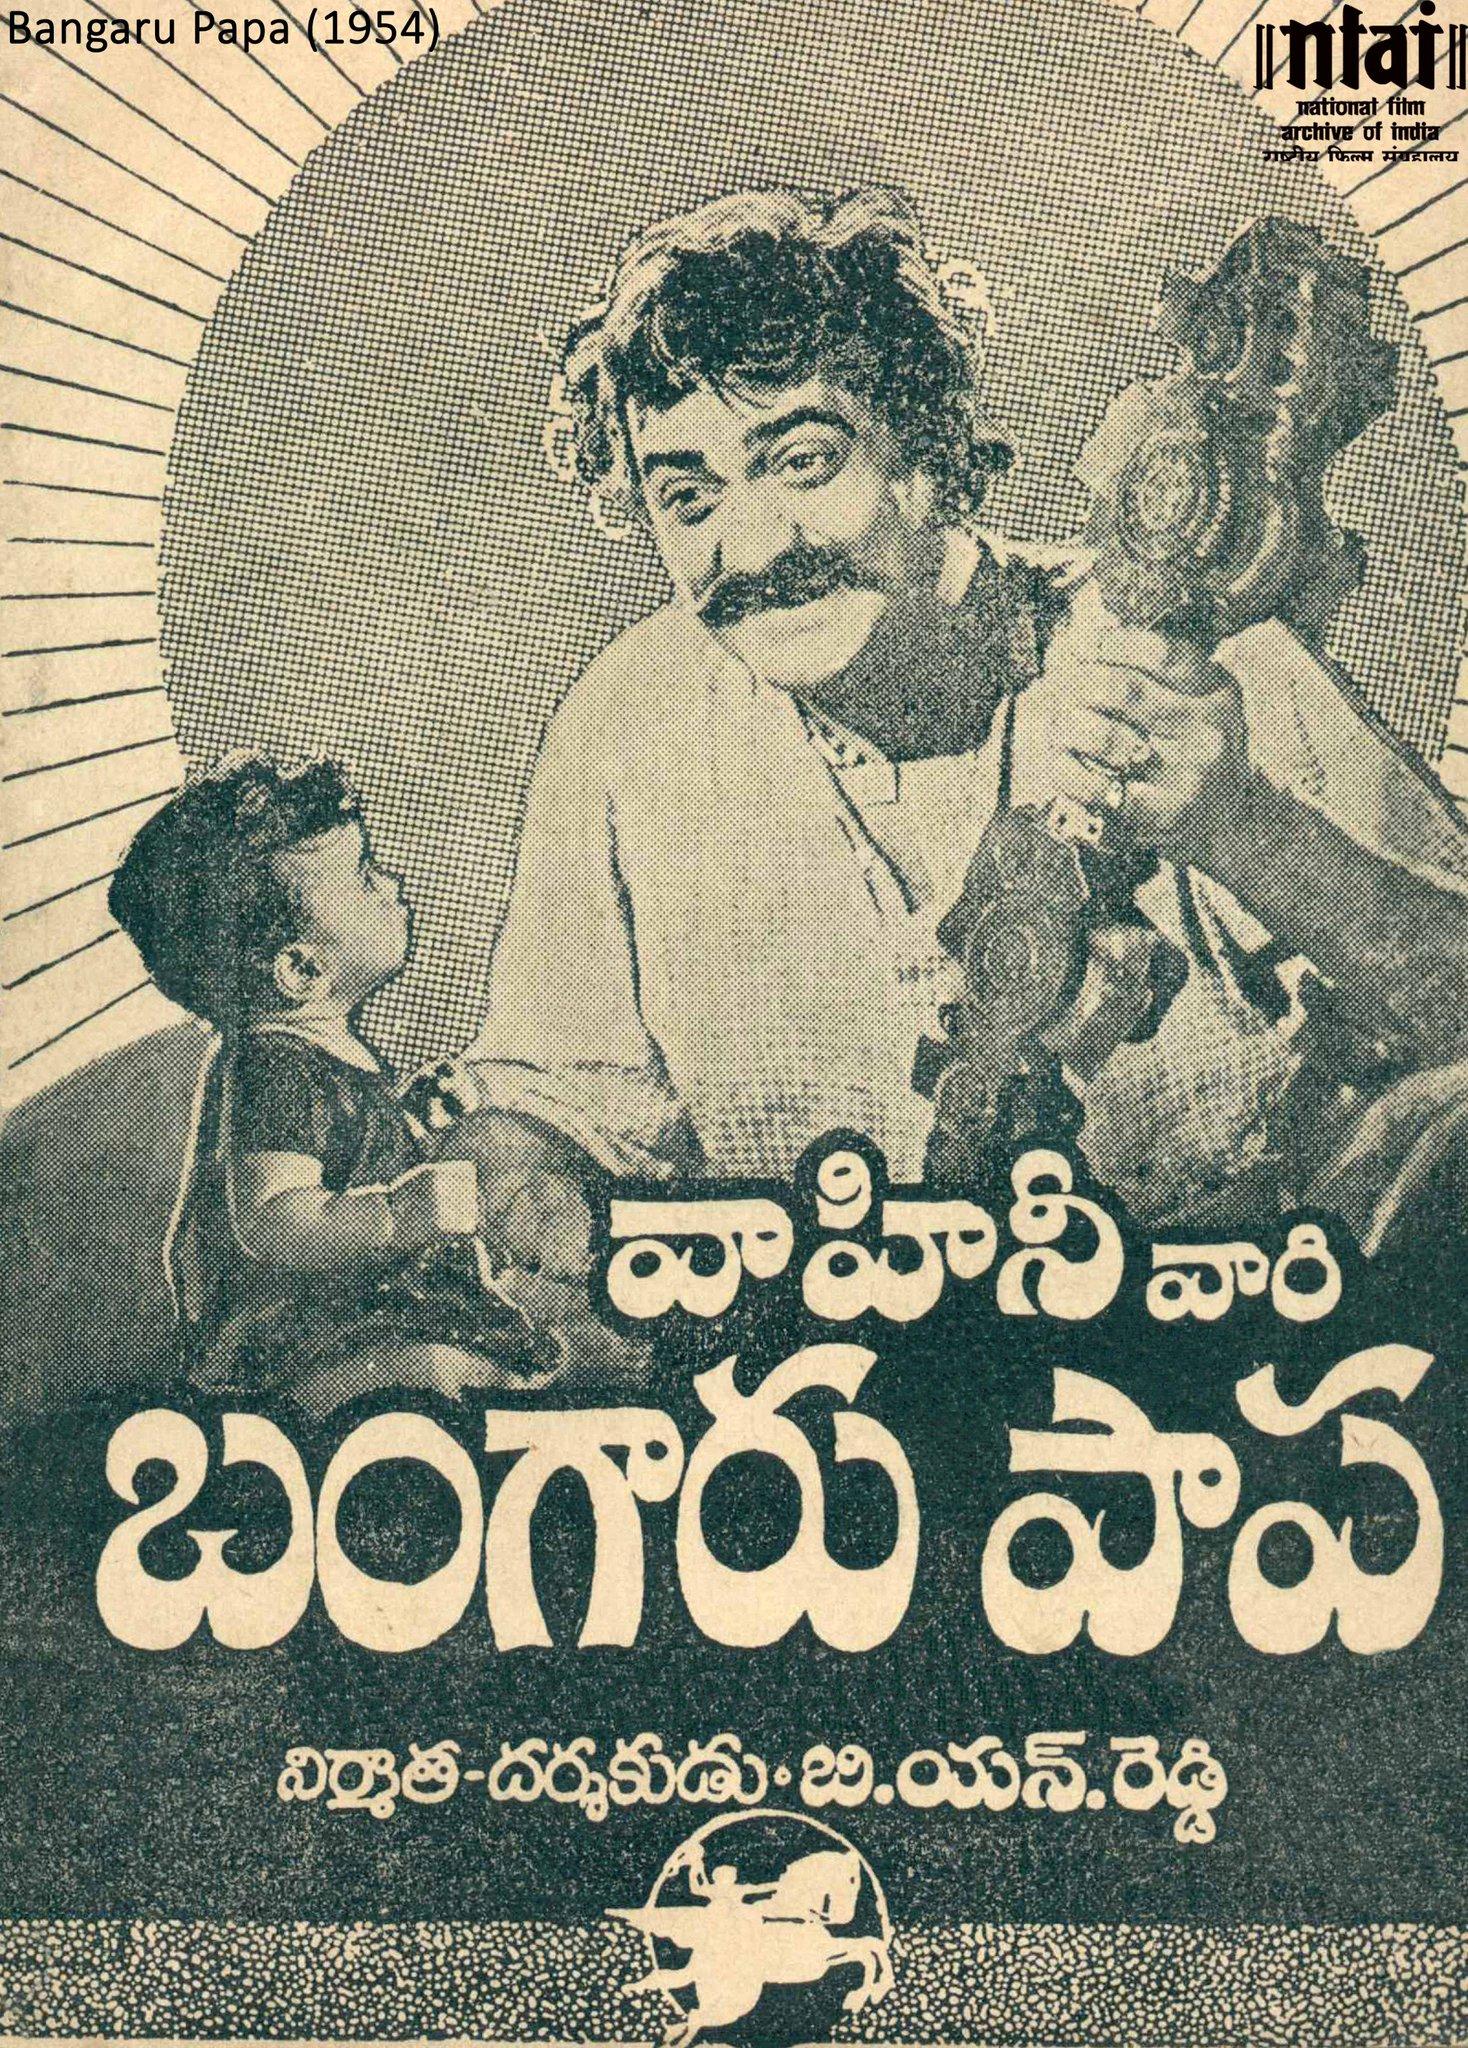 Bangaru Papa (1955): B N Reddy's Best Work #TeluguCinemaHistory